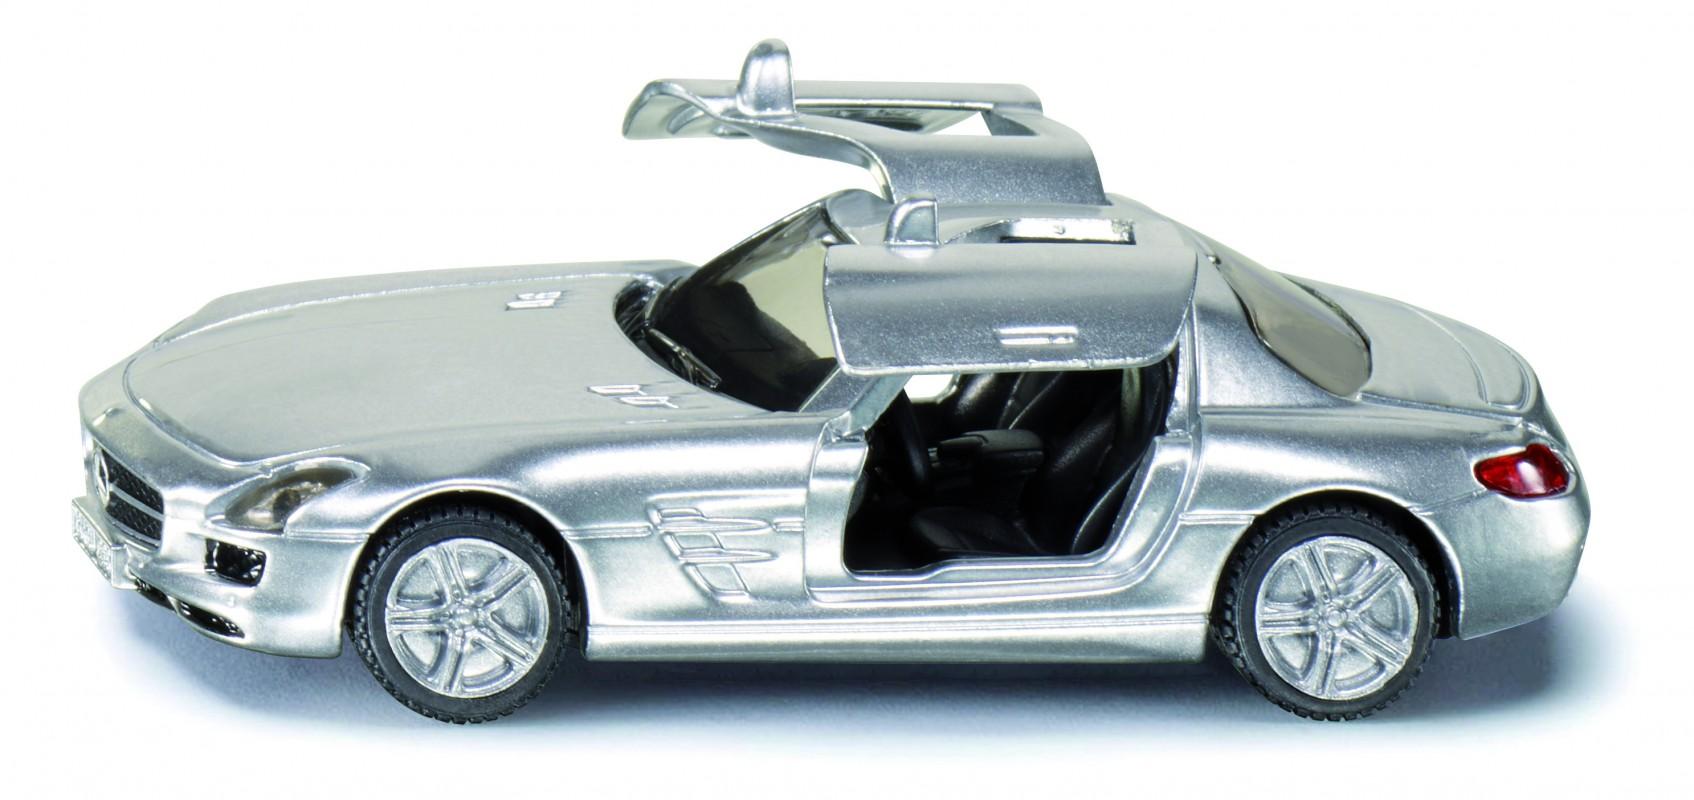 Sikusuper Mercedes Benz Sls Amg Coupe Sportauto 1445 Bentoys